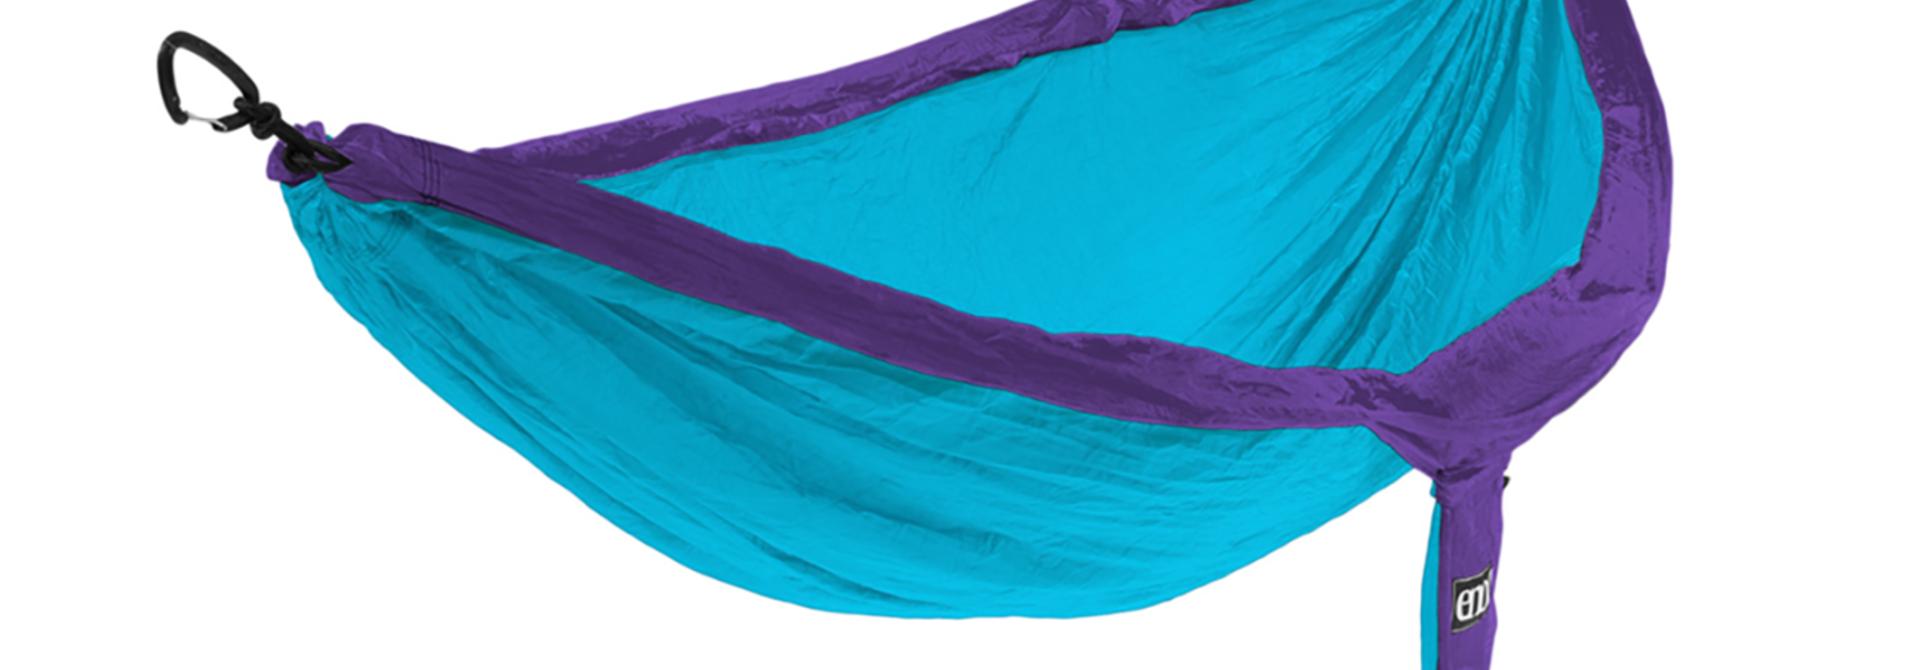 DoubleNest Hammock, Purple/Teal